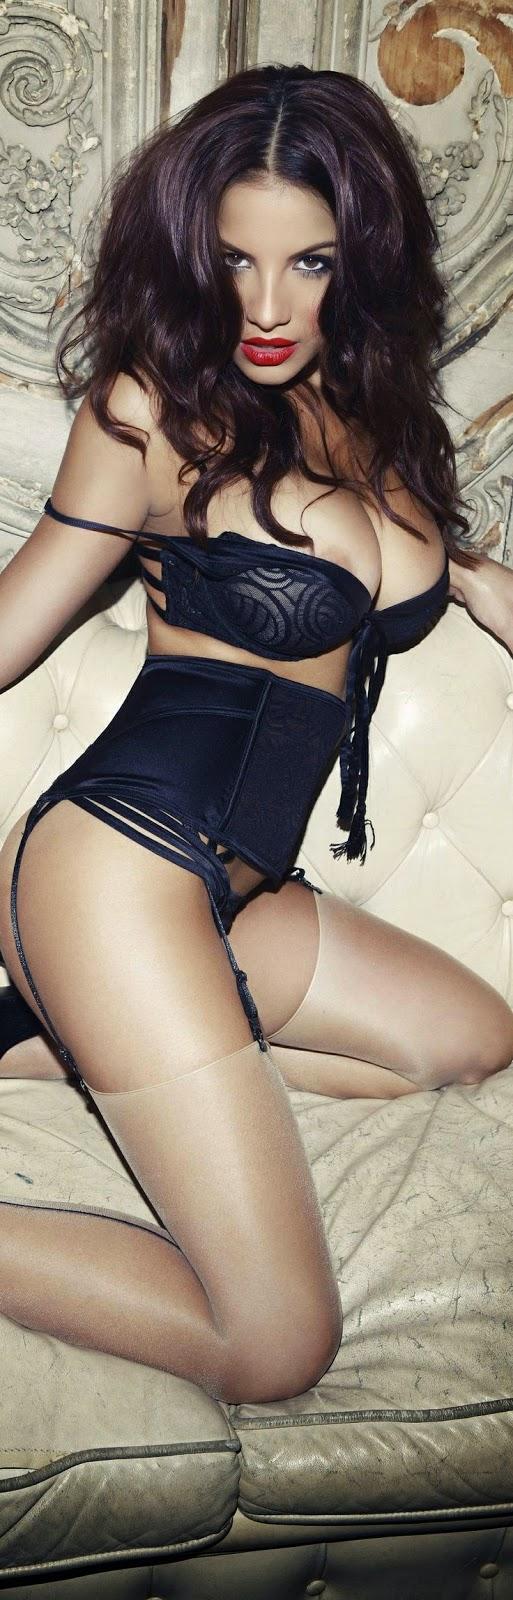 Brunette babe milf in lingerie